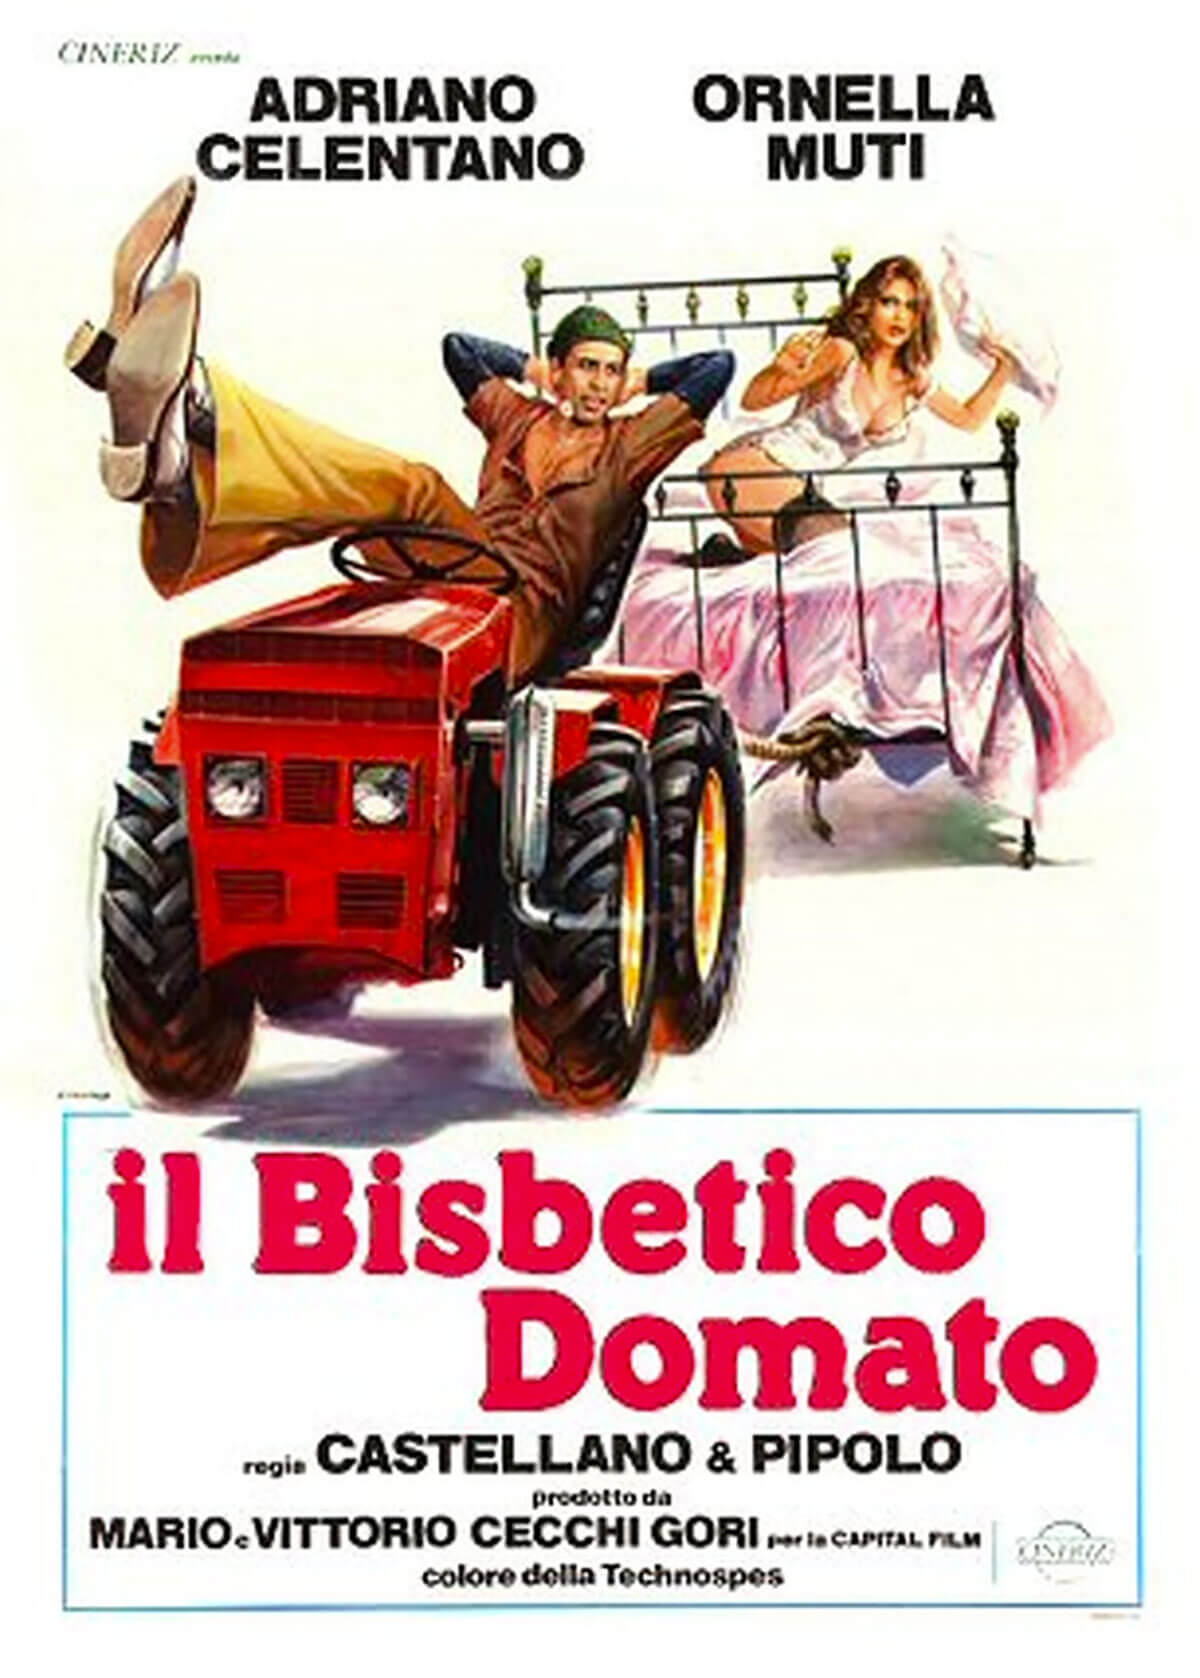 Il bisbetico domato, 1980